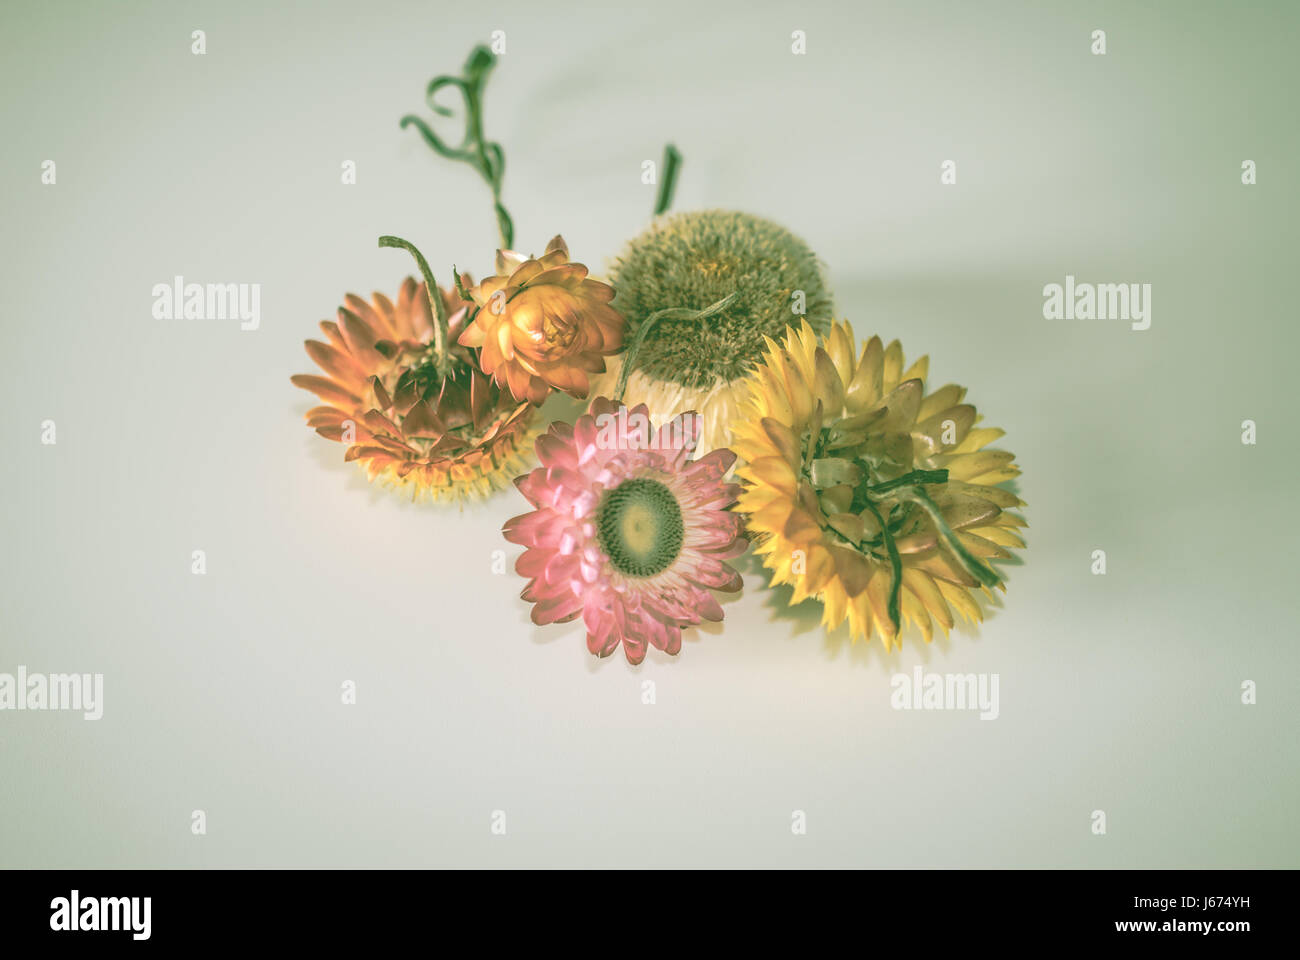 Direkt oberhalb der Ansicht von Blumen auf weißem Hintergrund Stockbild